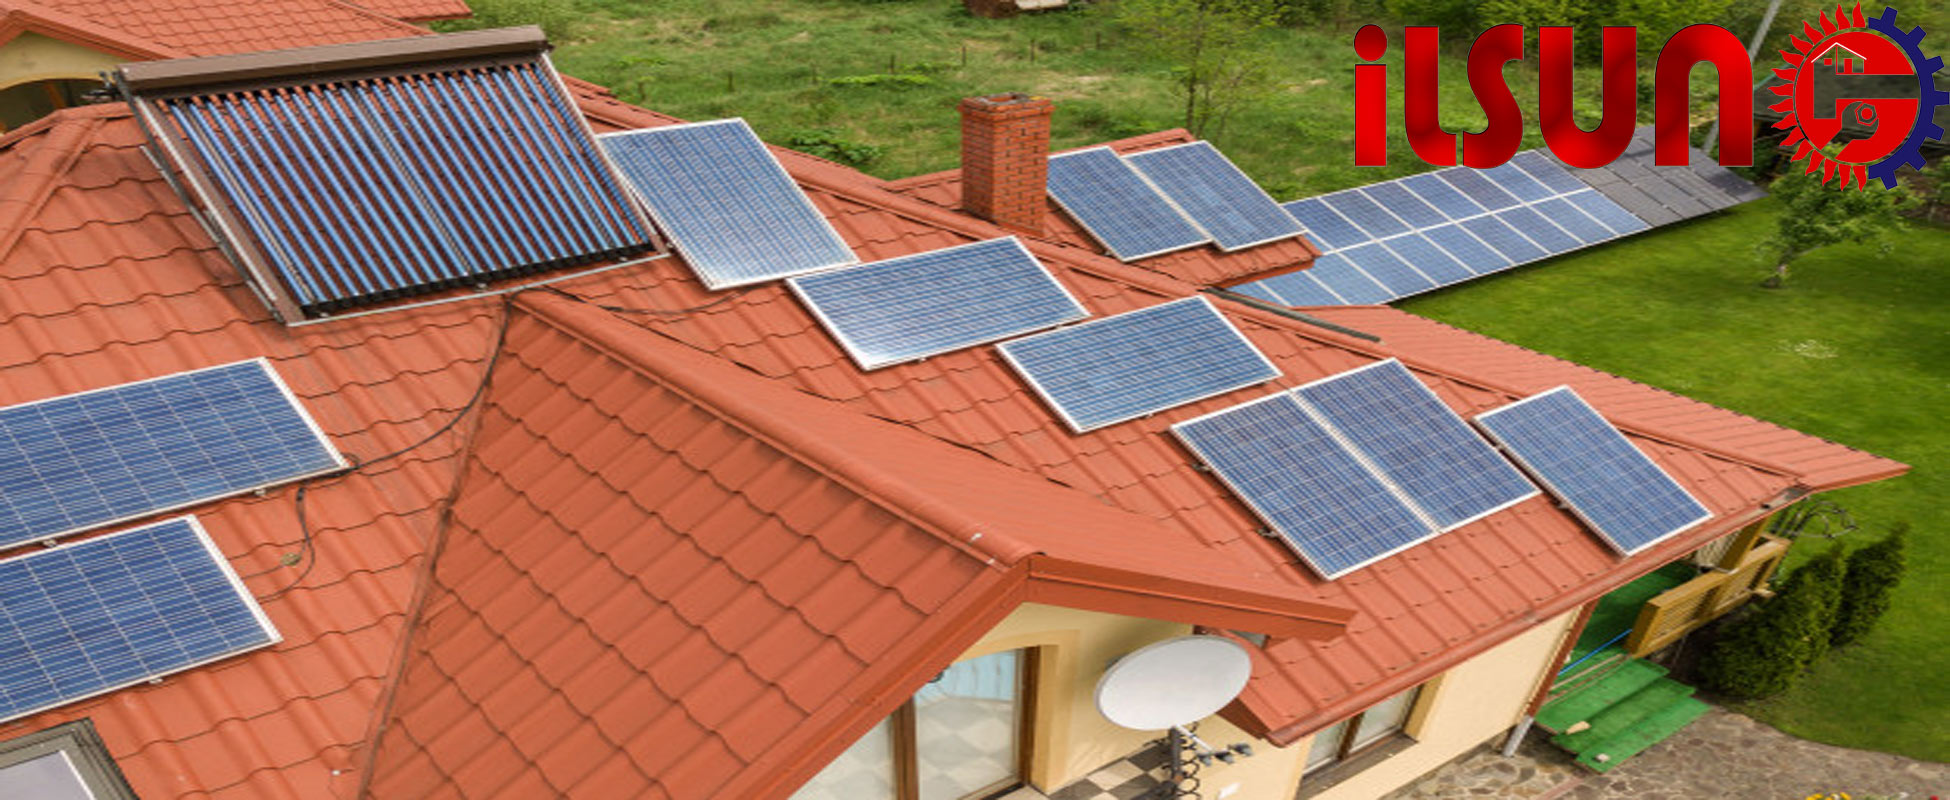 آبگرمکن خورشیدی .آبگرمکن خورشیدی در شمال